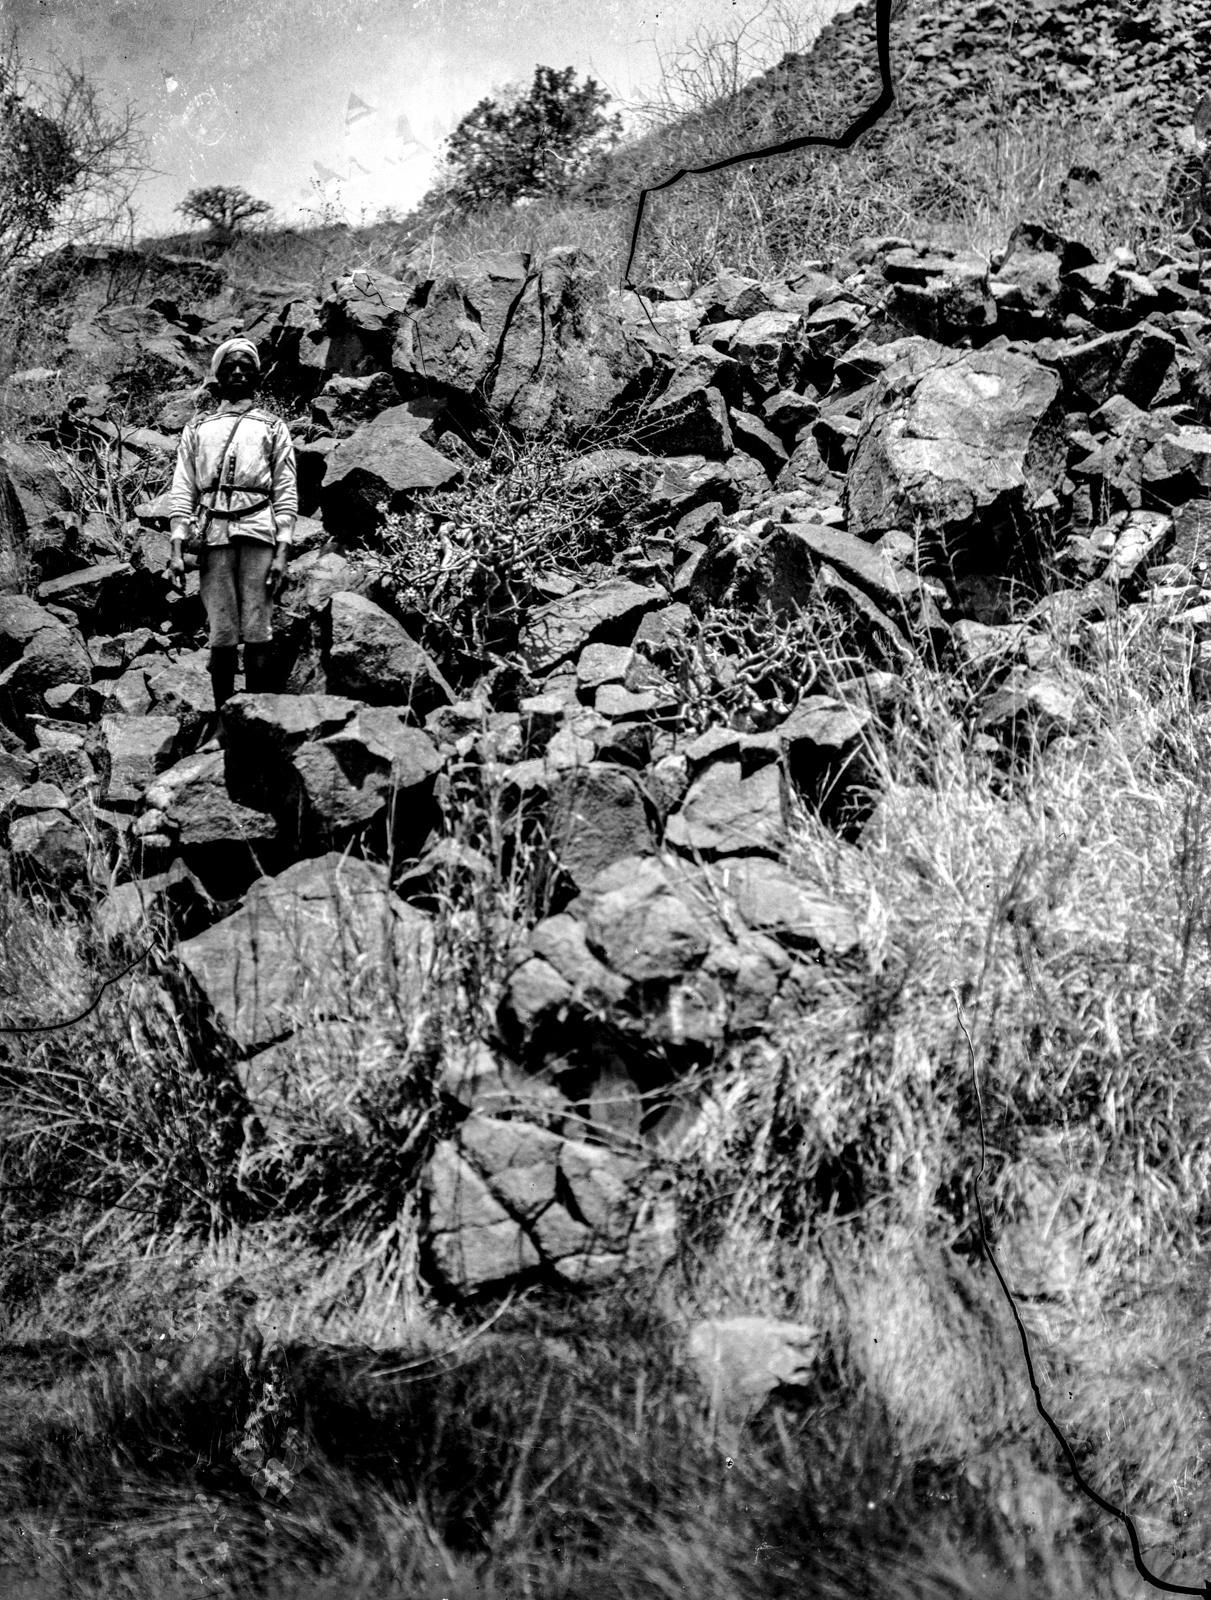 28. Человек перед лавовой скалой, разорванной температурными колебаниями